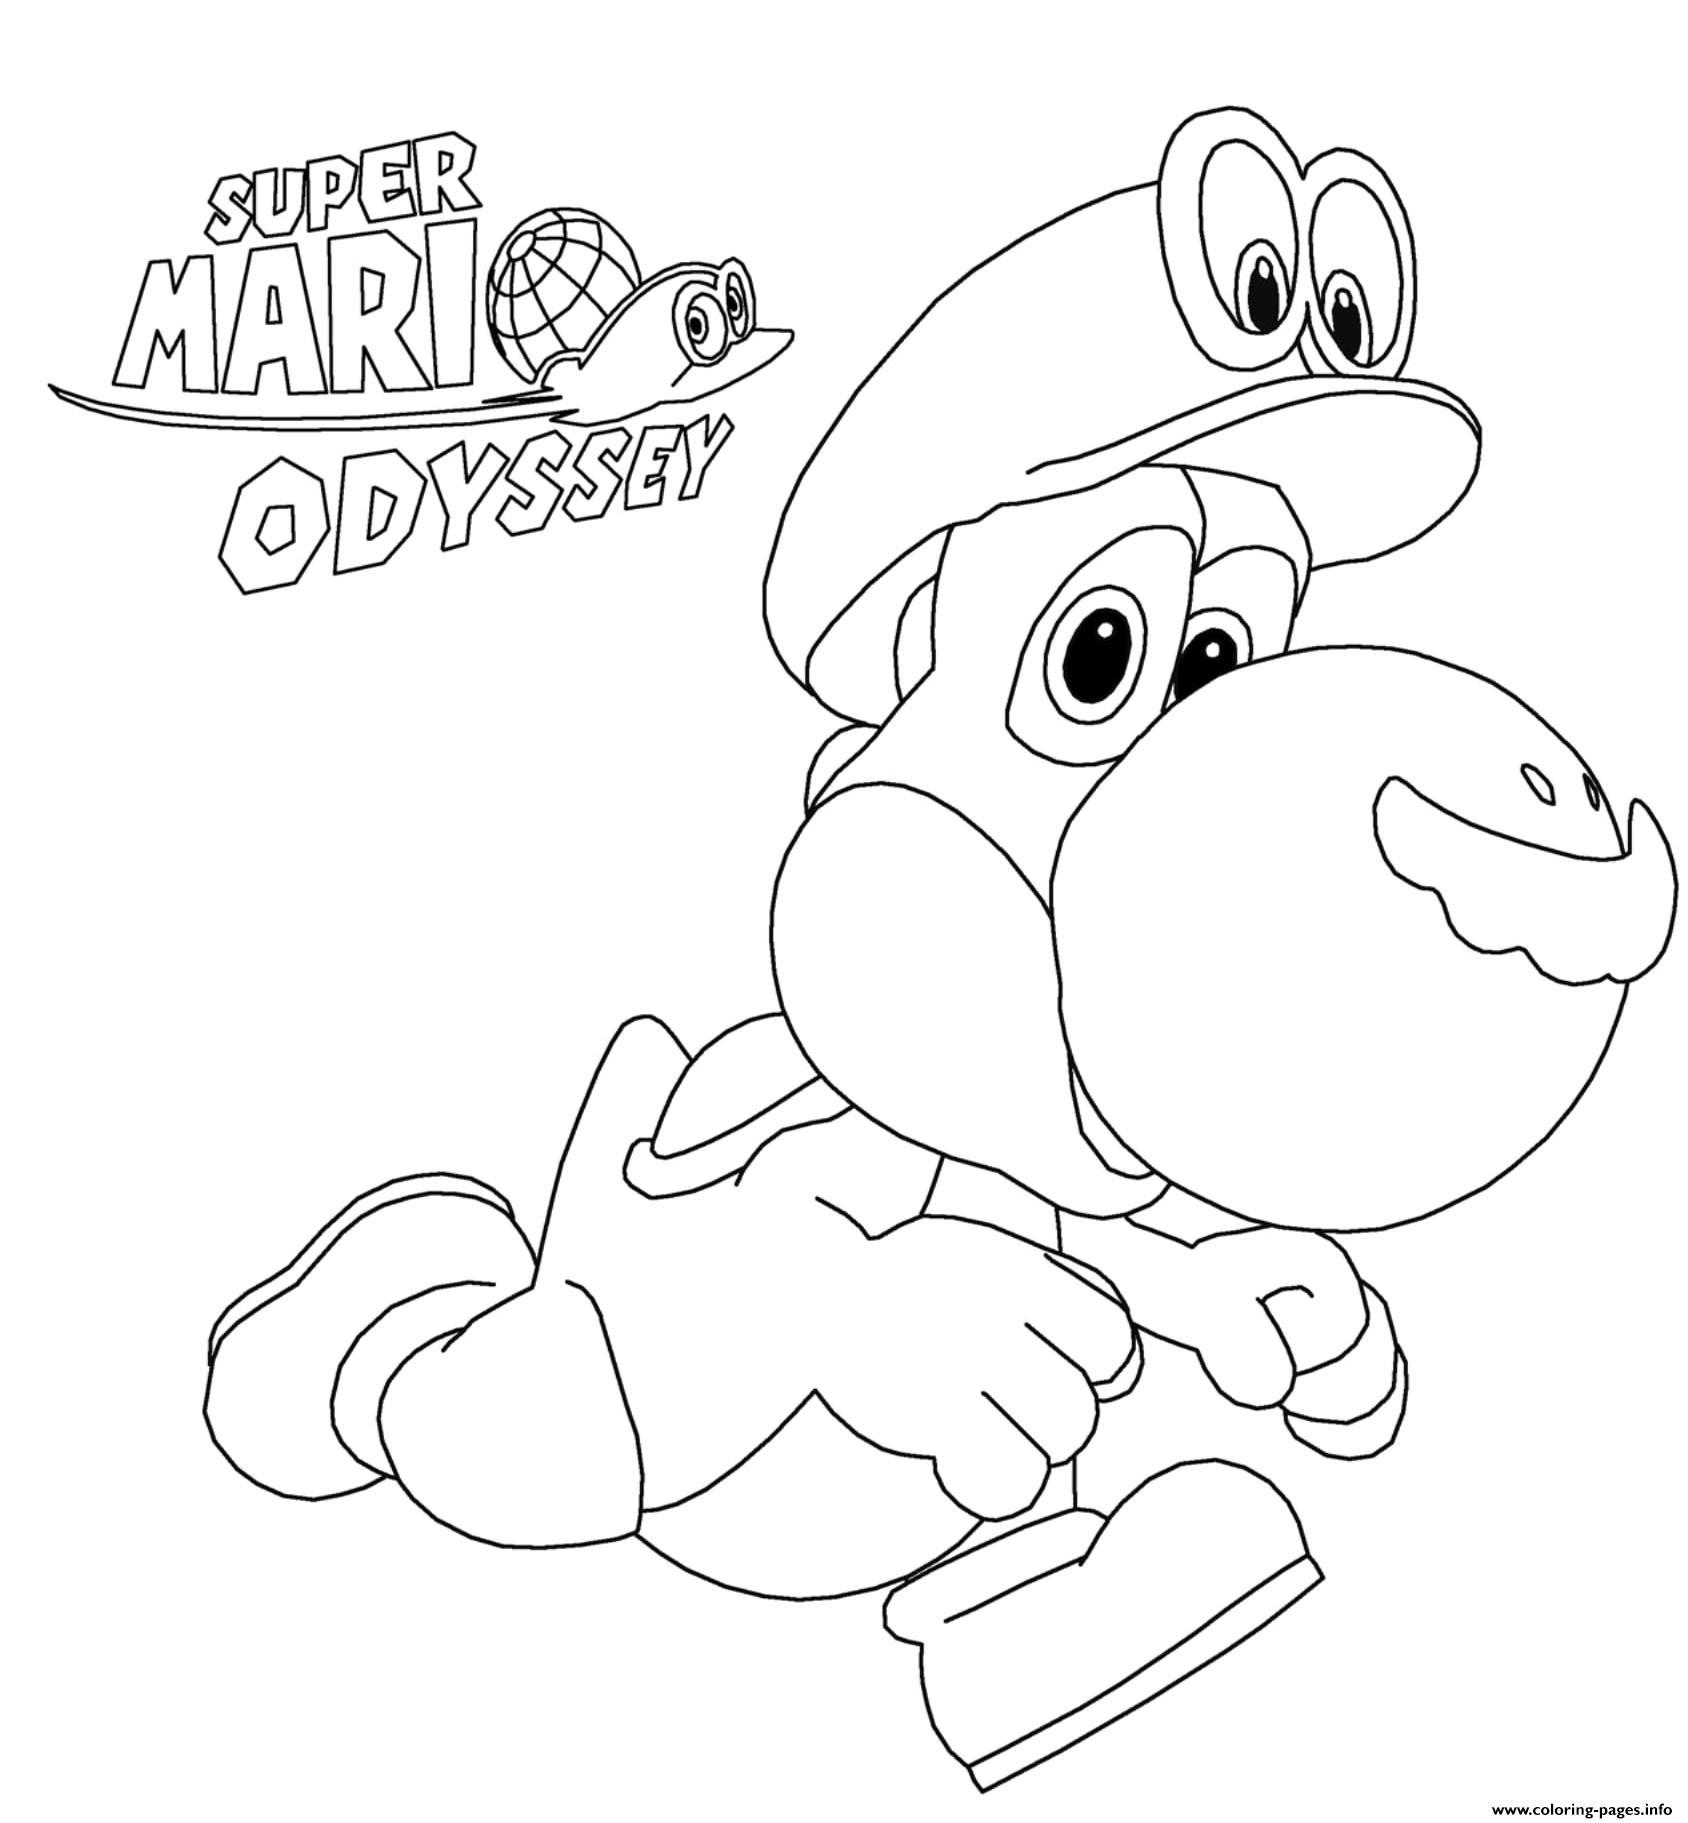 Super Mario Odyssey Yoshi Nintendo Coloring Pages Printable